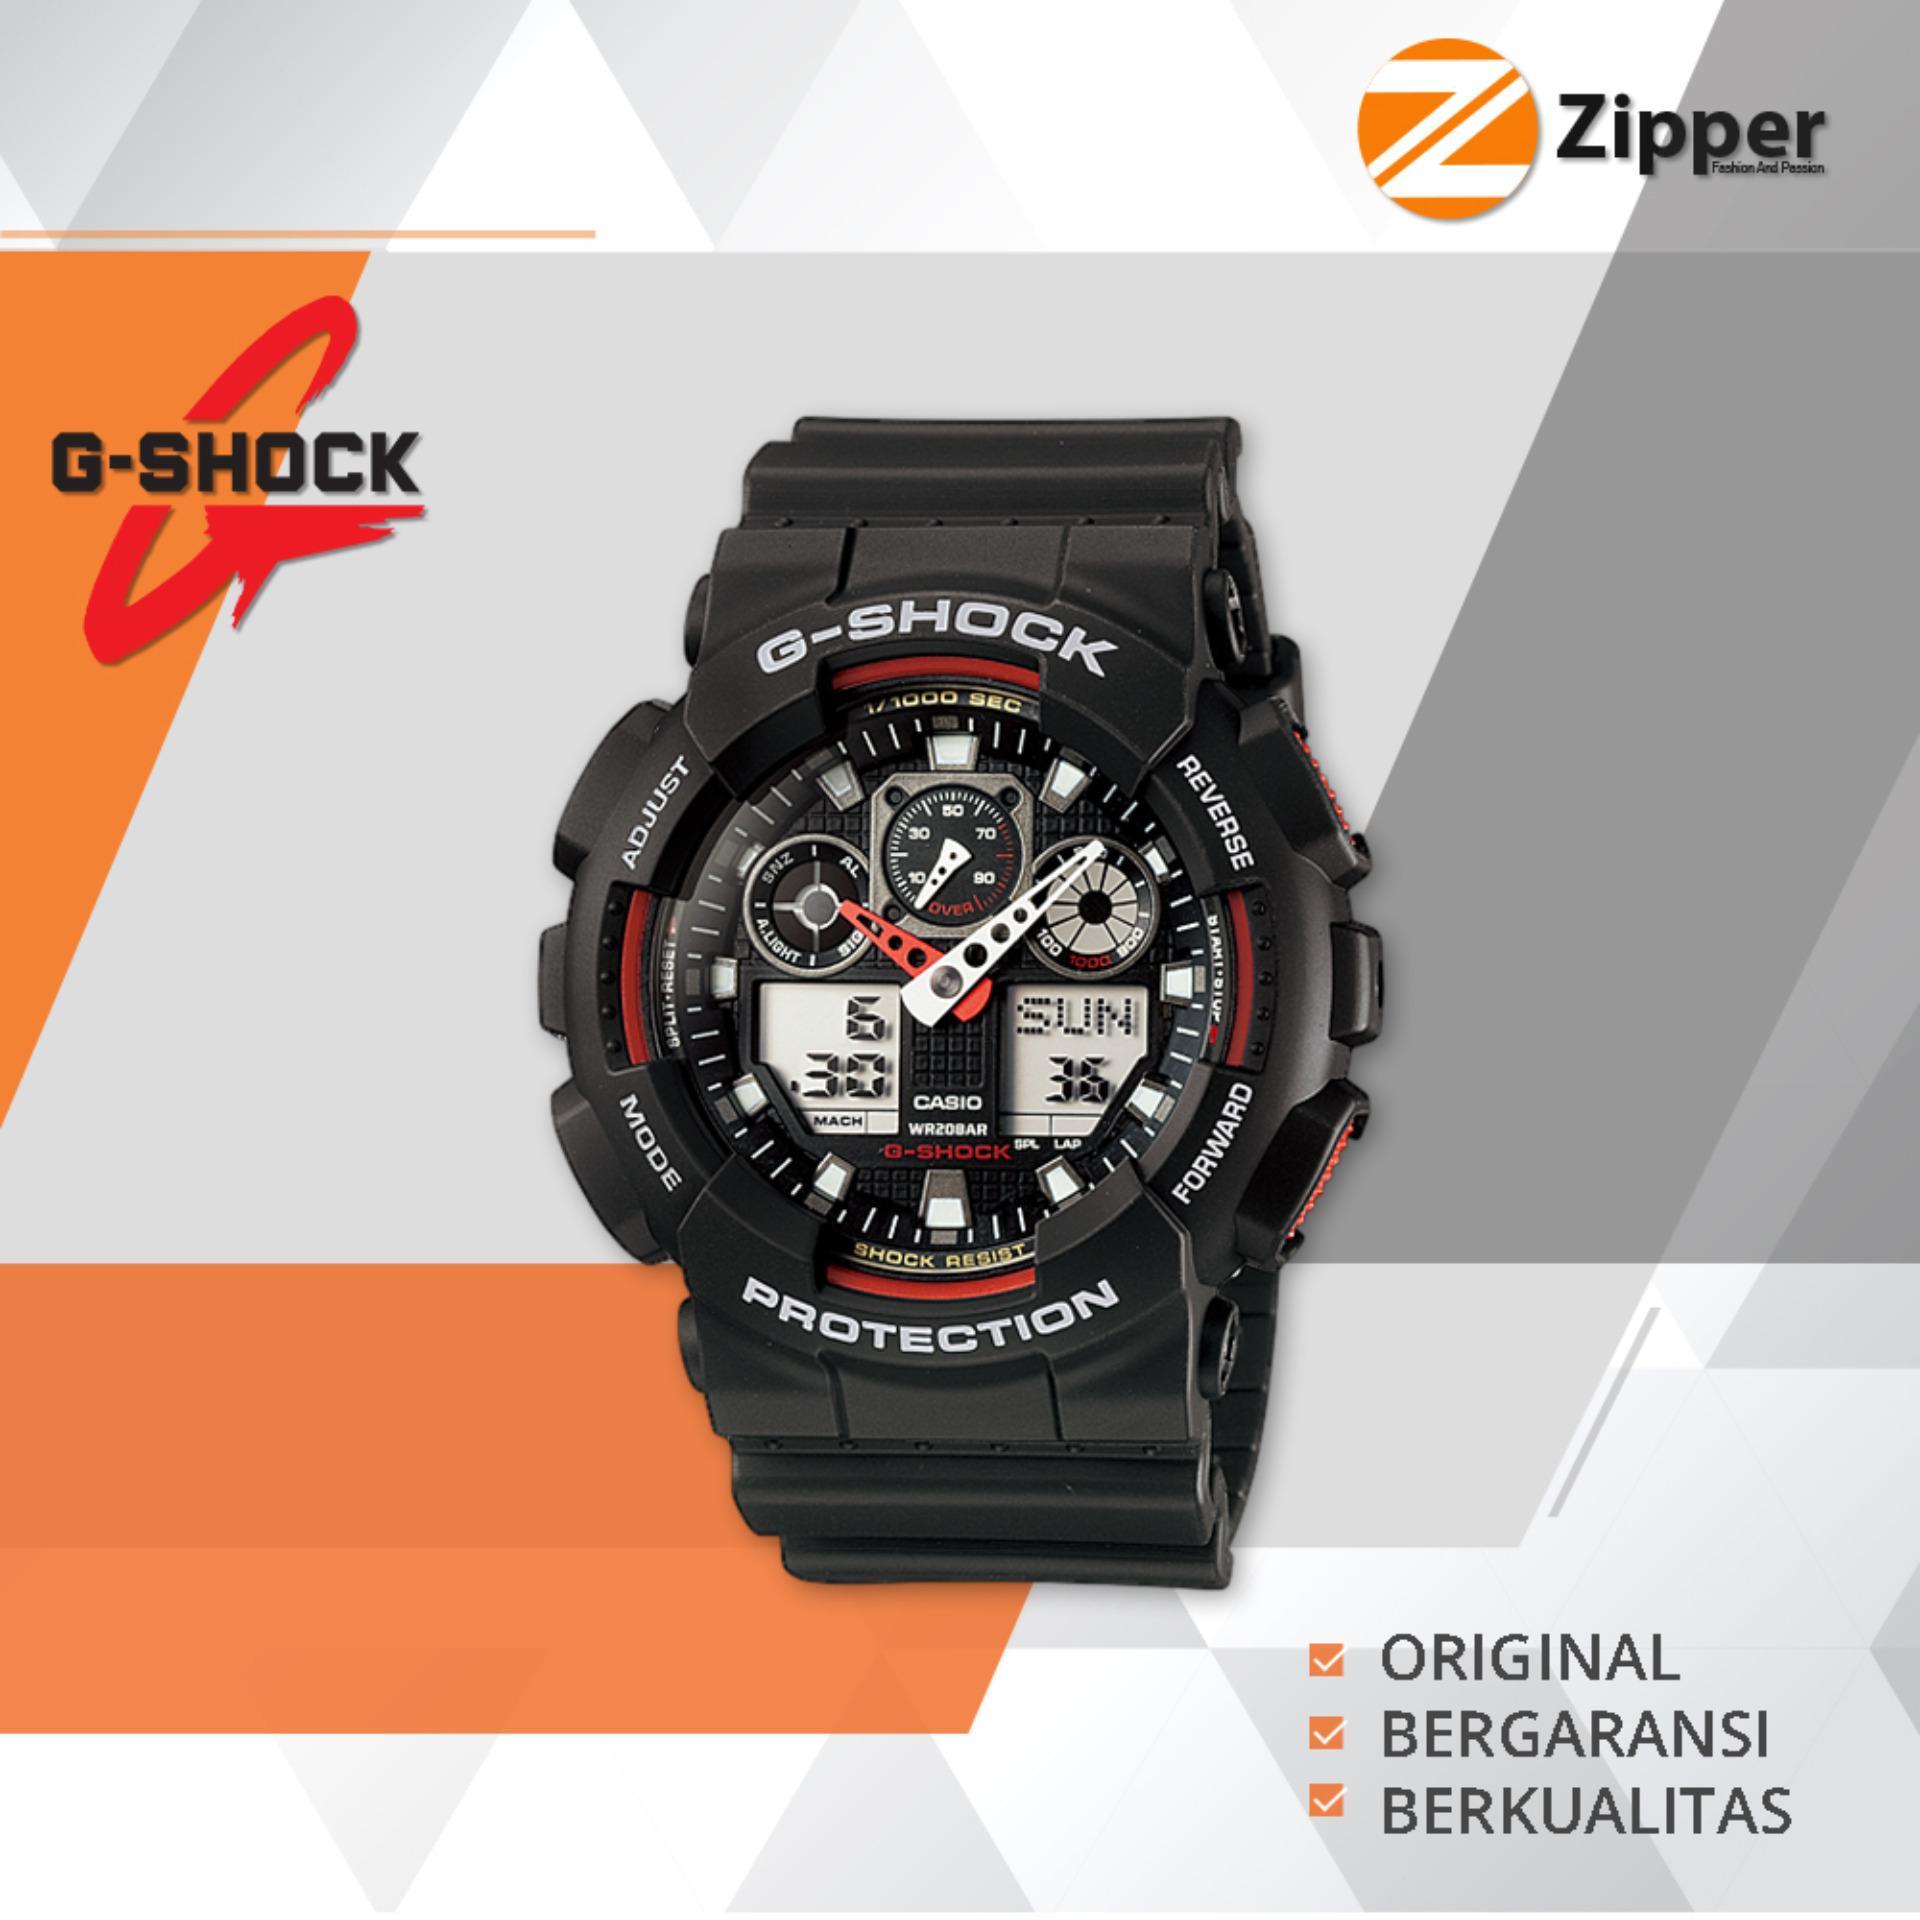 Casio G Shock Jam Tangan Pria Analog Digital Ga 100 Series Tali Karet Original